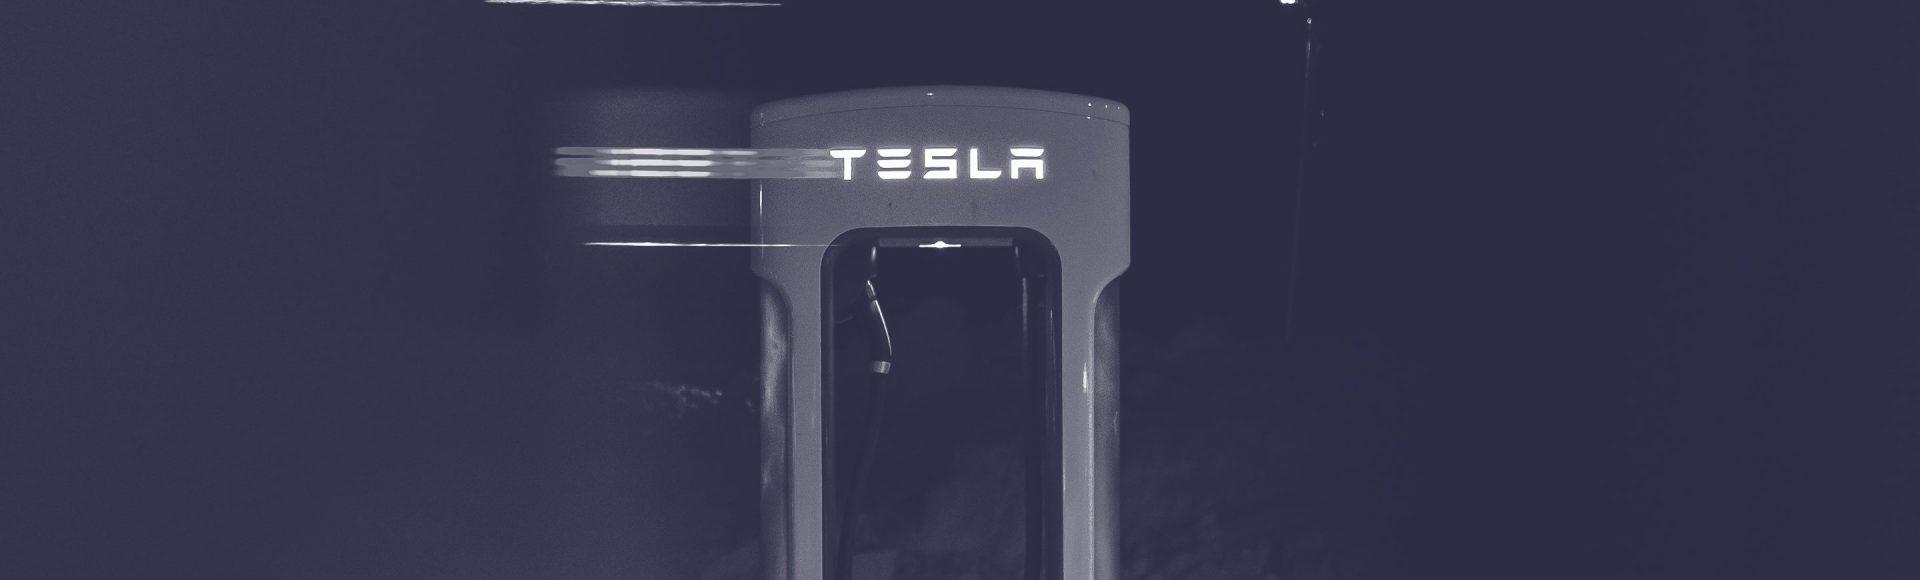 ARK-Invest_Blog-Banner_2015_07_15---Tesla